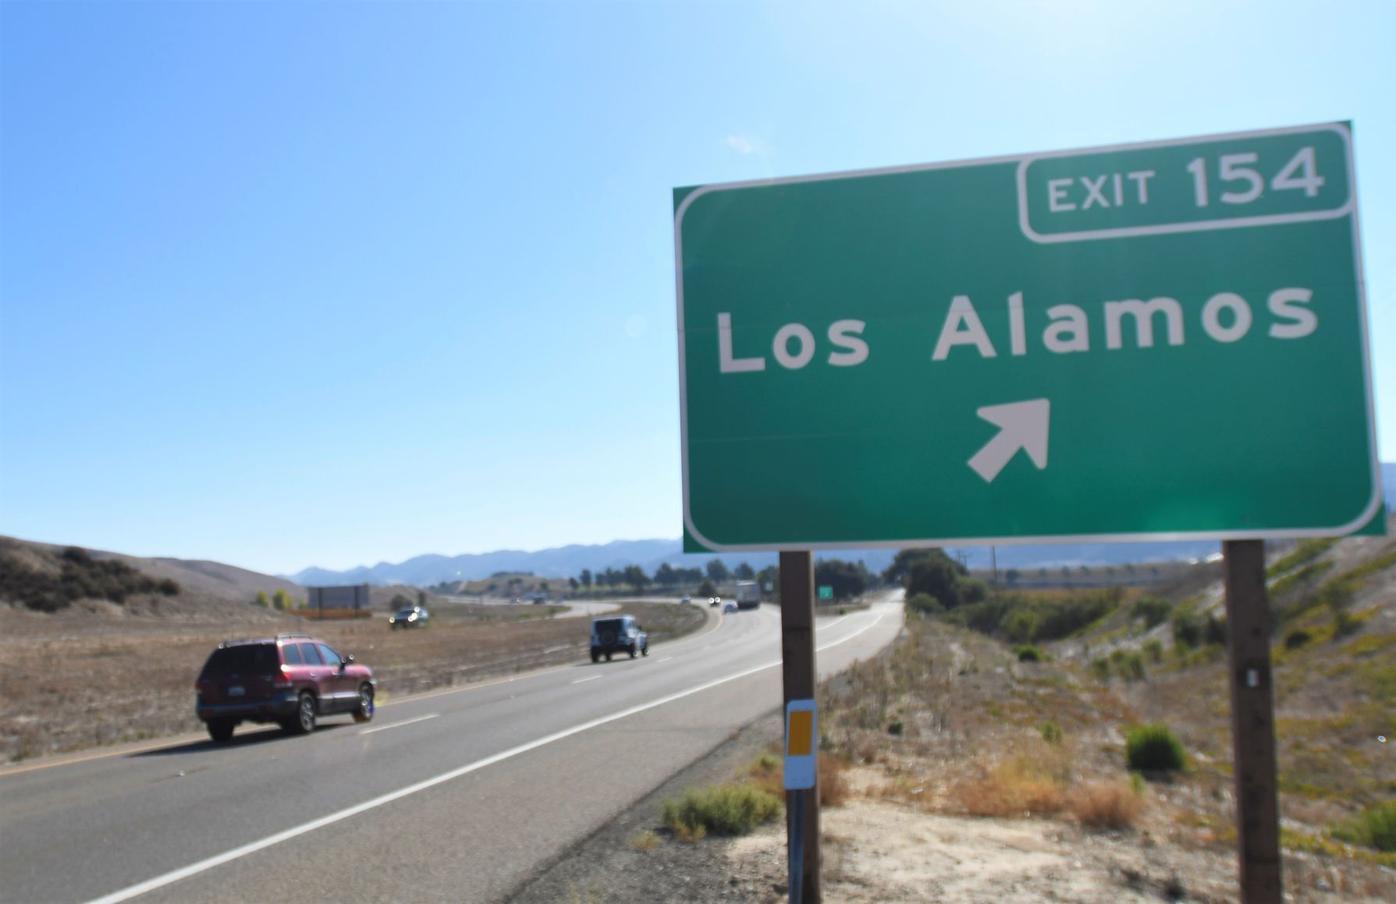 070621 Highway 101 - 2